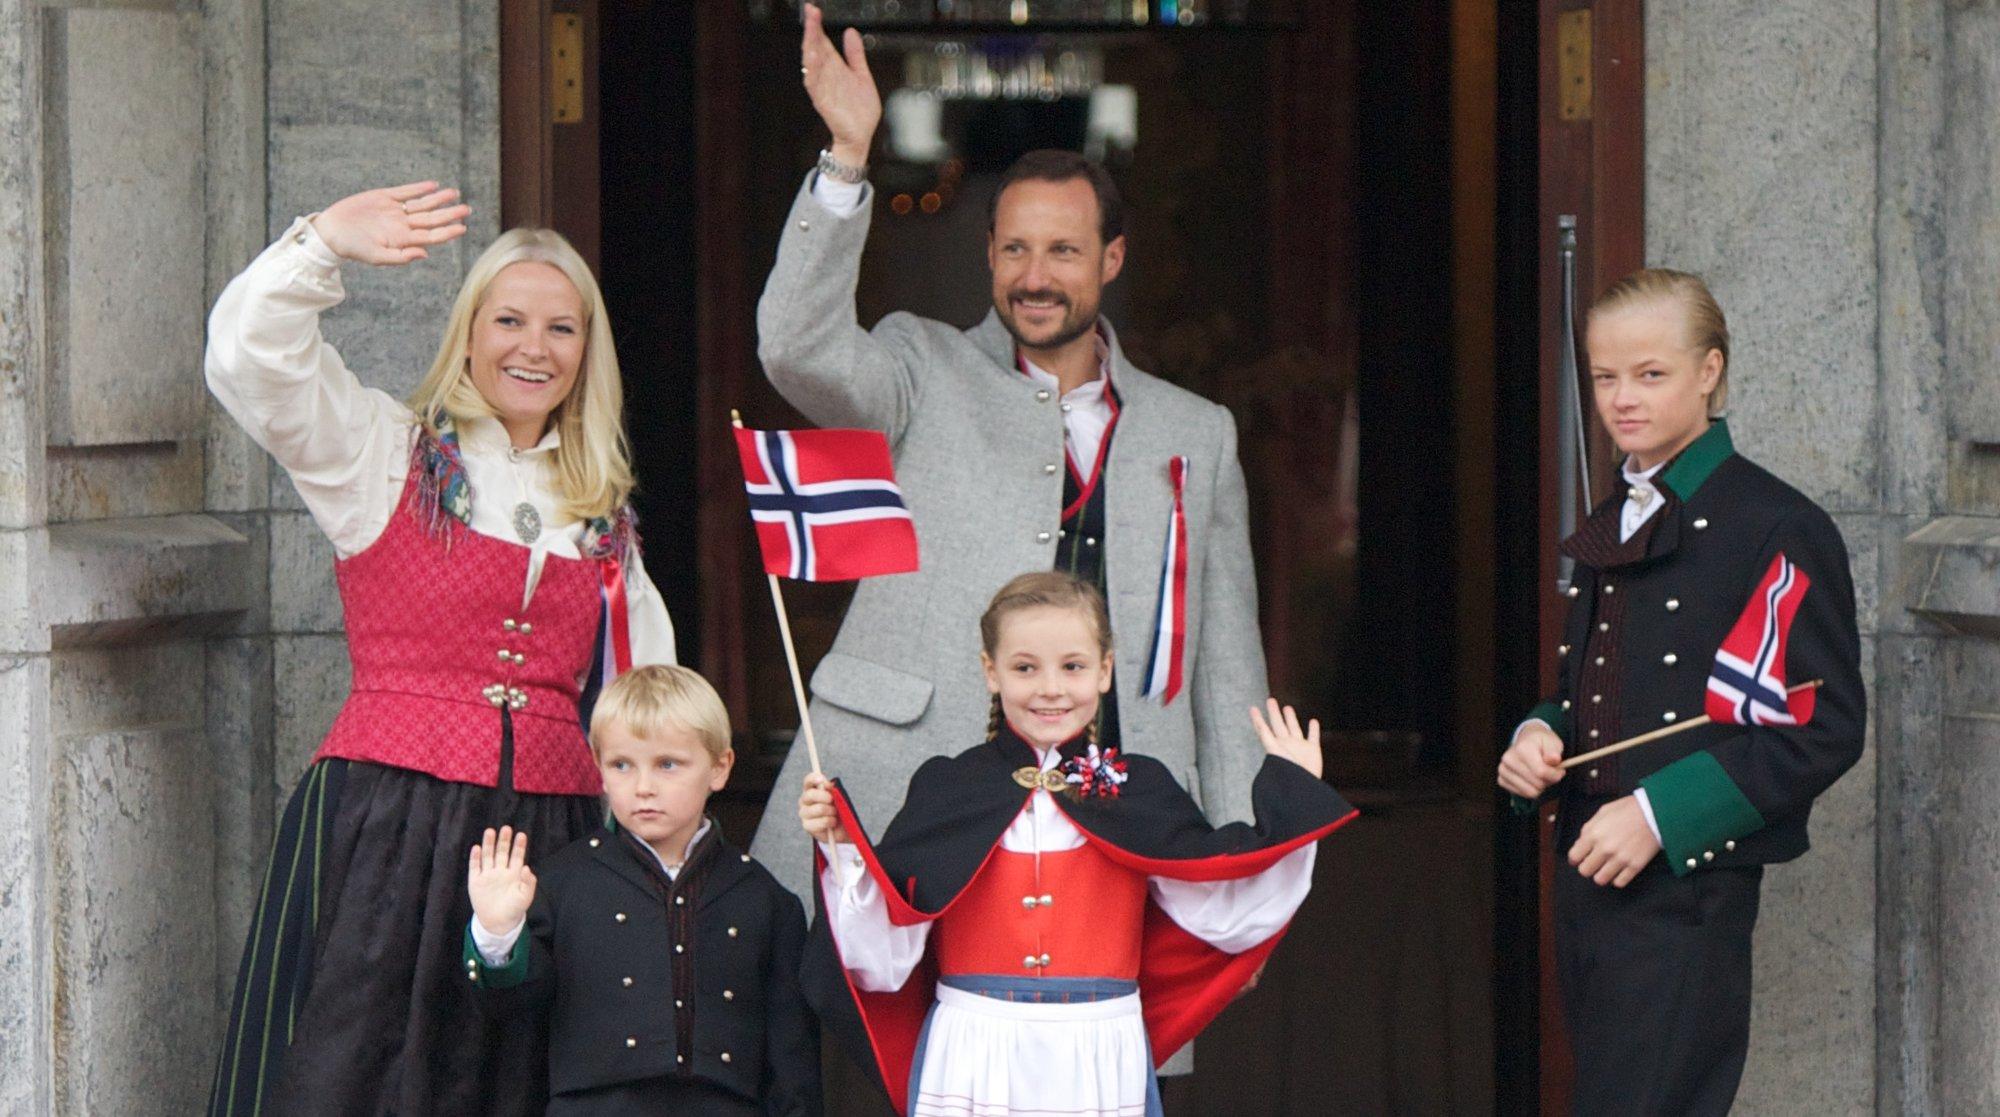 Dette er et offisielt bilde av kongefamilien. Fra venstre kronprinsesse Mette-Marit, prins Sverre Magnus, kronprins Haakon, prinsesse Ingrid Alexandra og Marius Borg Høiby, kronprinsessens sønn. Sistnevnte la ut private bilder via Instagram, slik mange gj